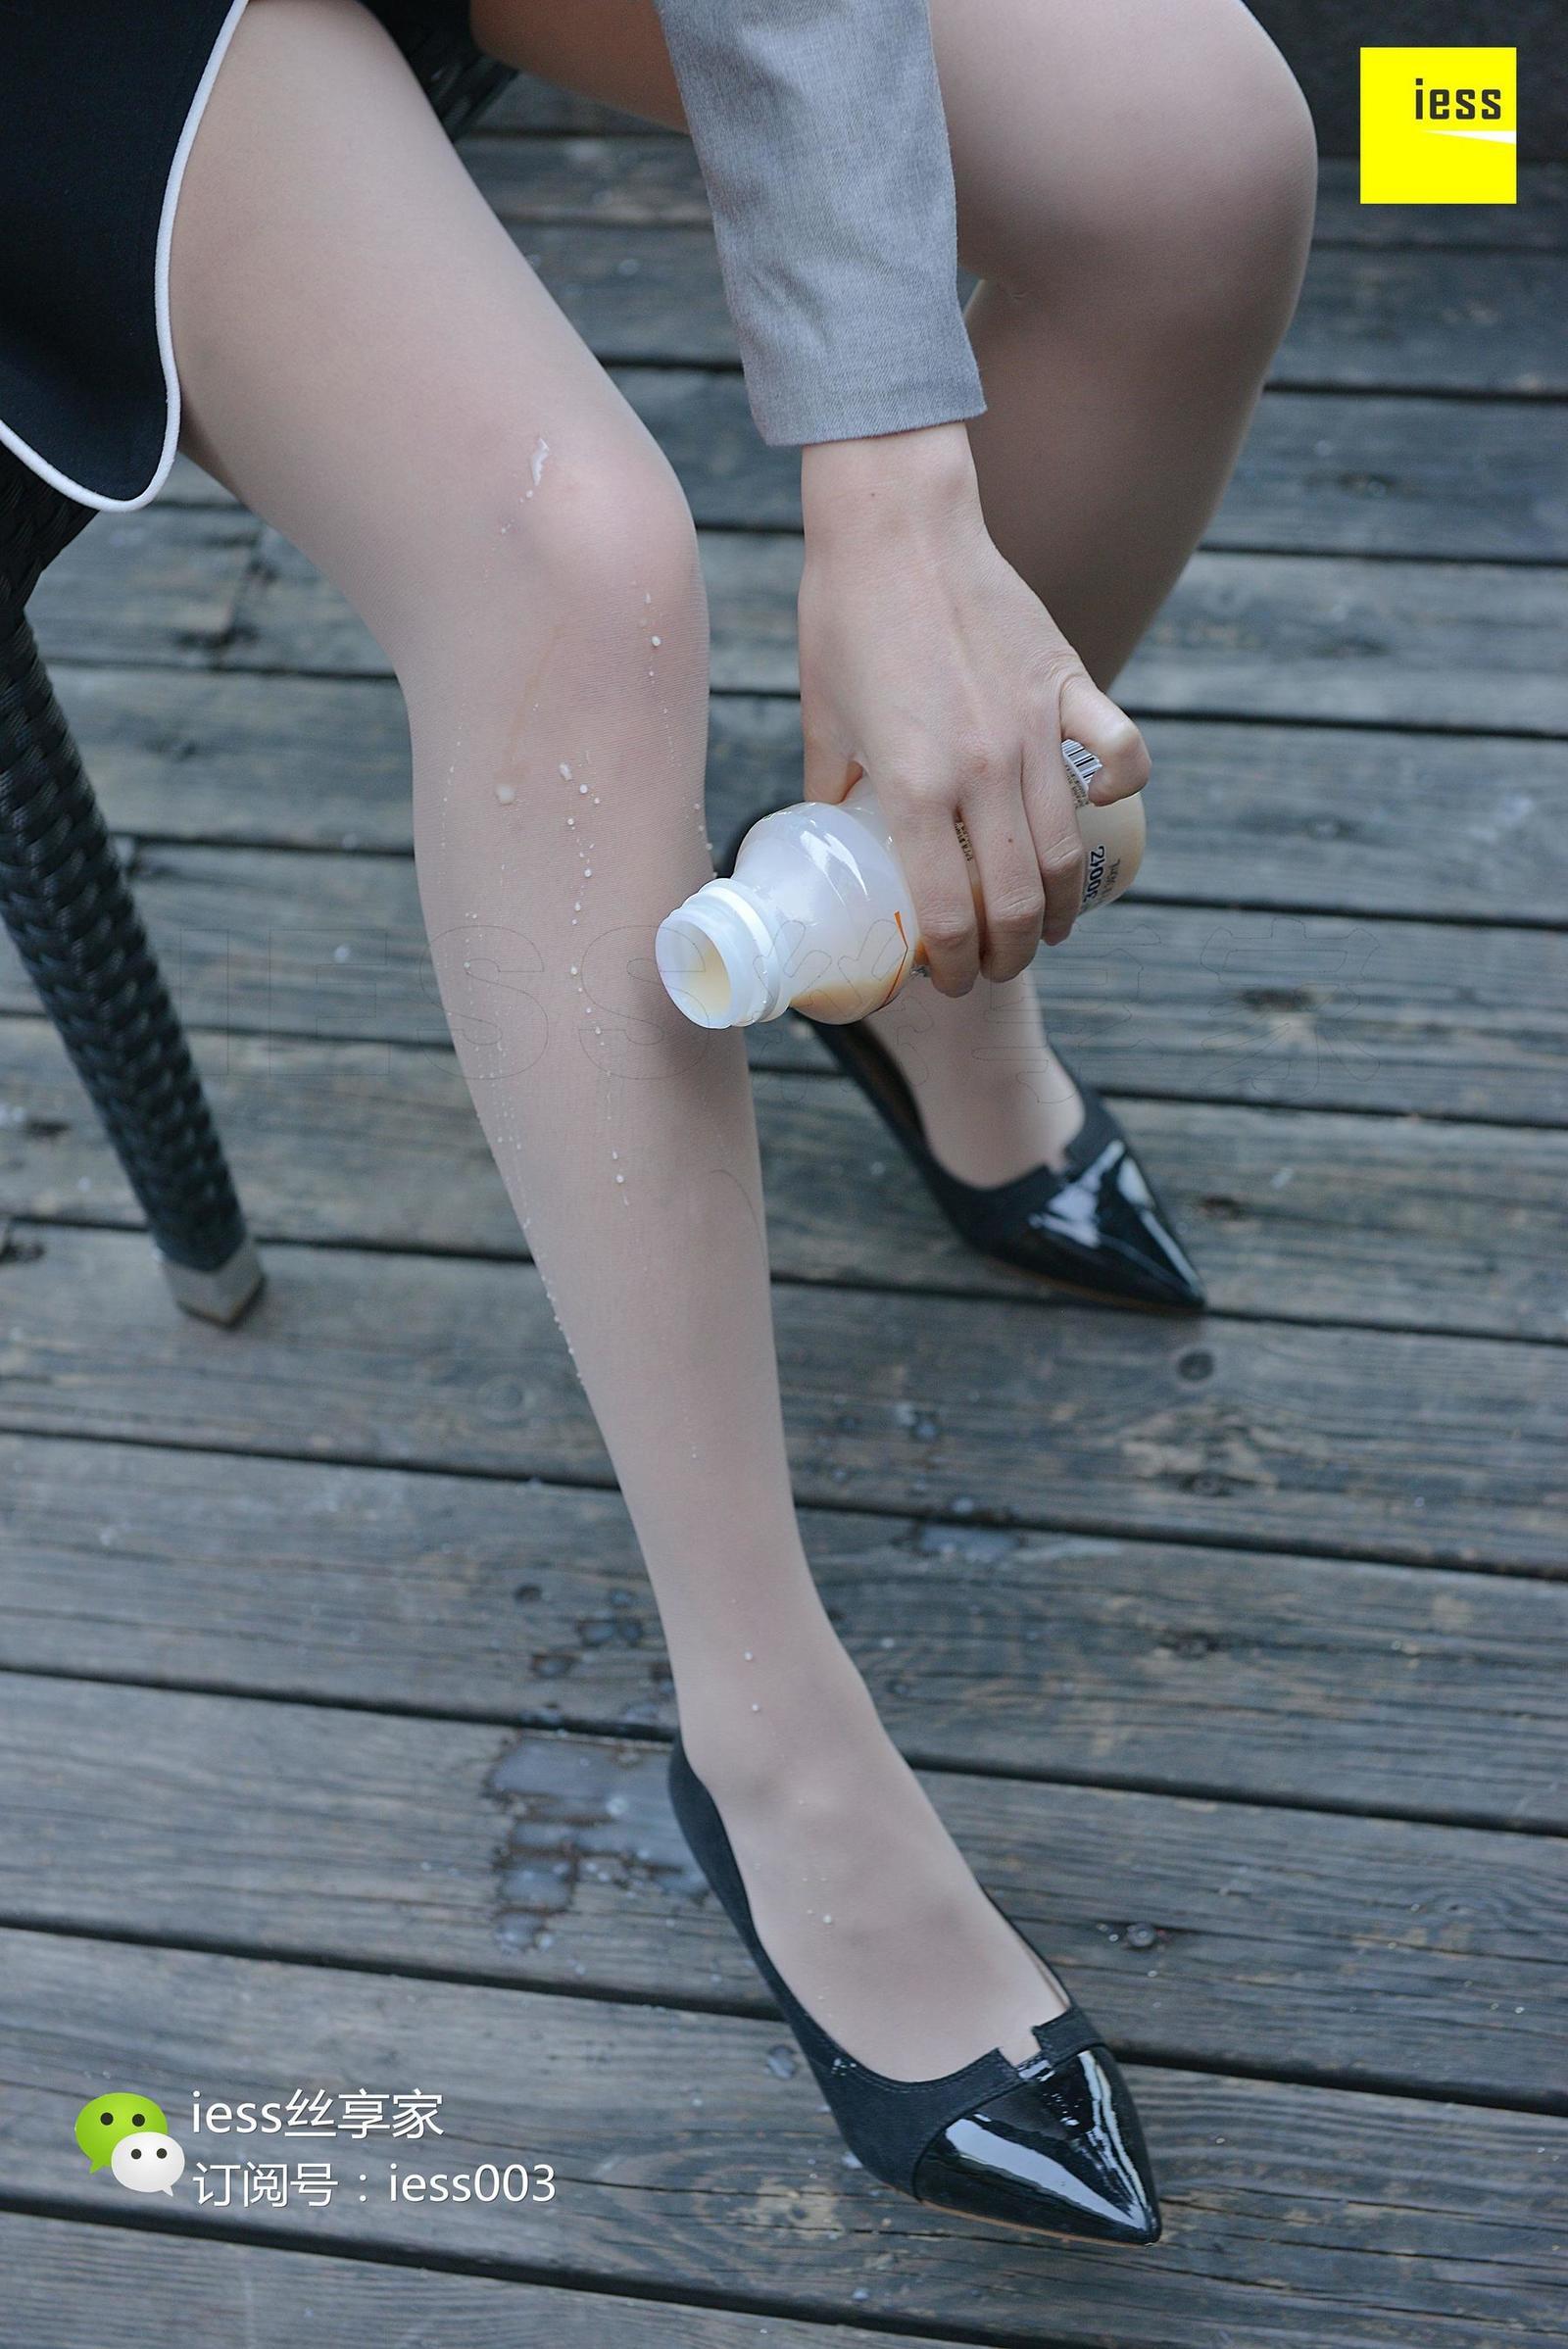 雪梨 《原来酸奶是这样喝的!》 丝足写真